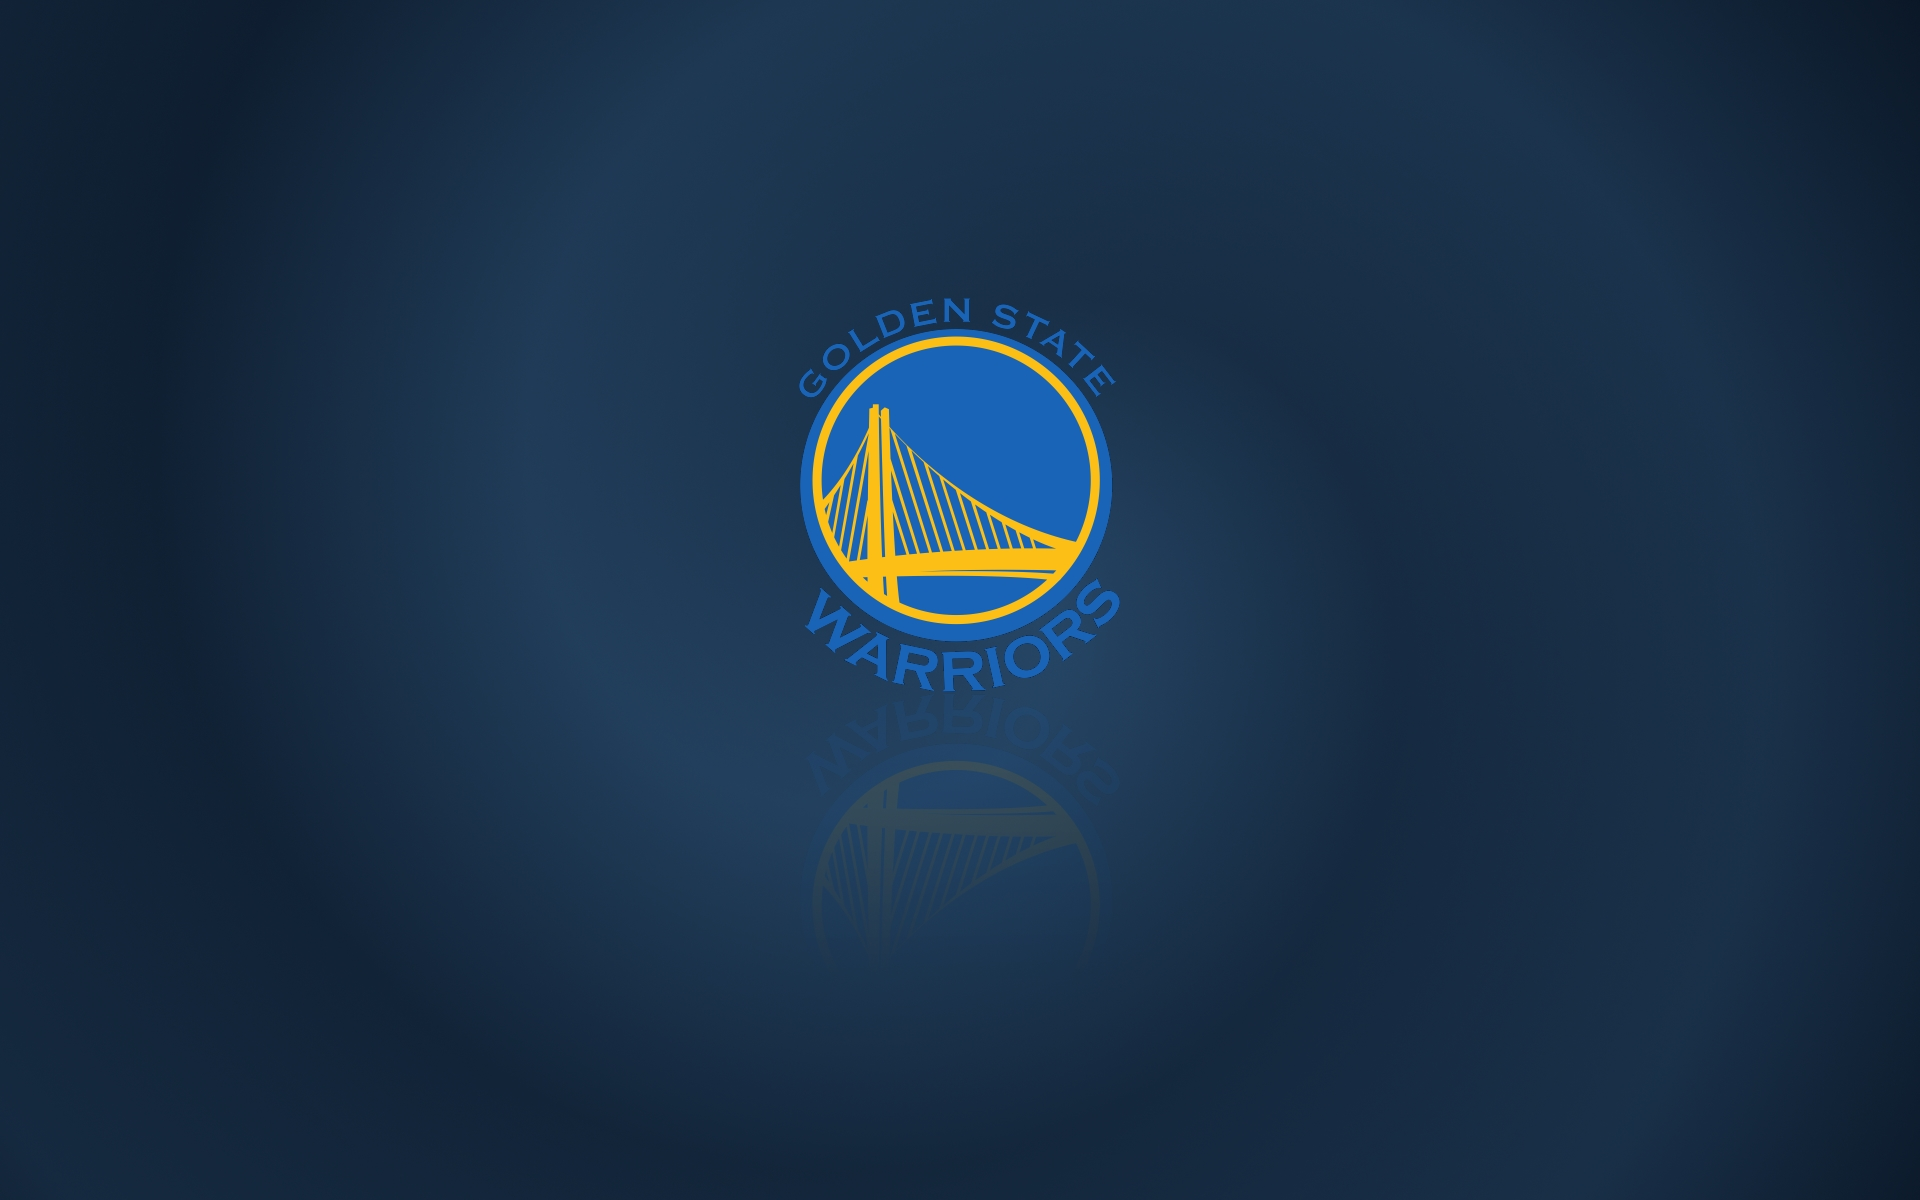 Golden State Warriors Wallpaper Logos